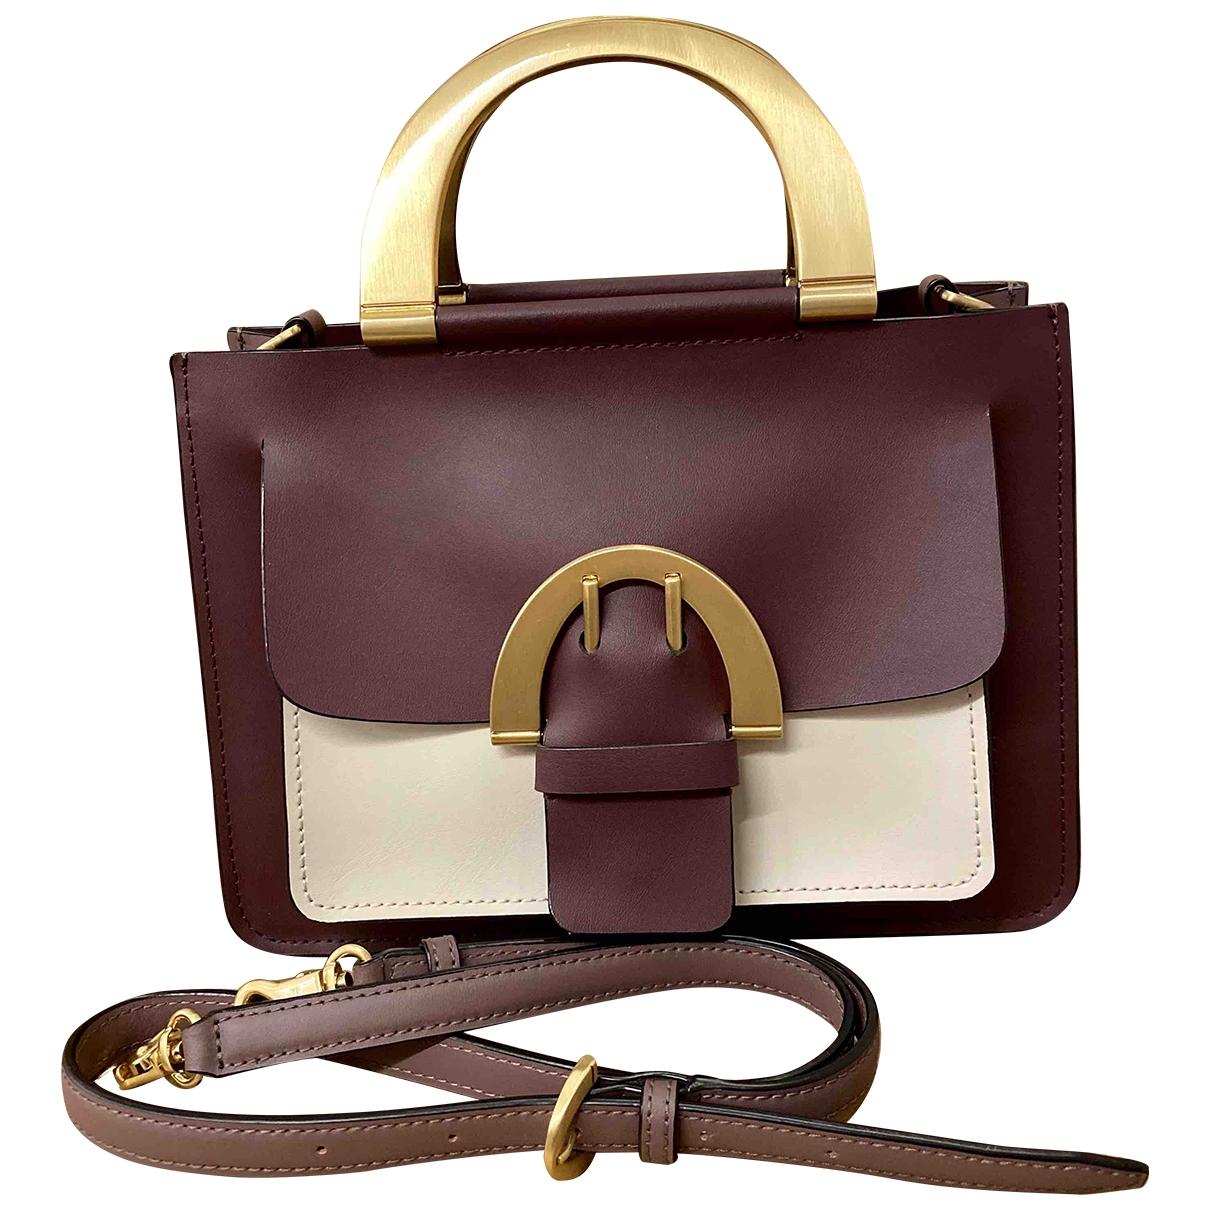 Zac Posen \N Handtasche in  Bordeauxrot Leder